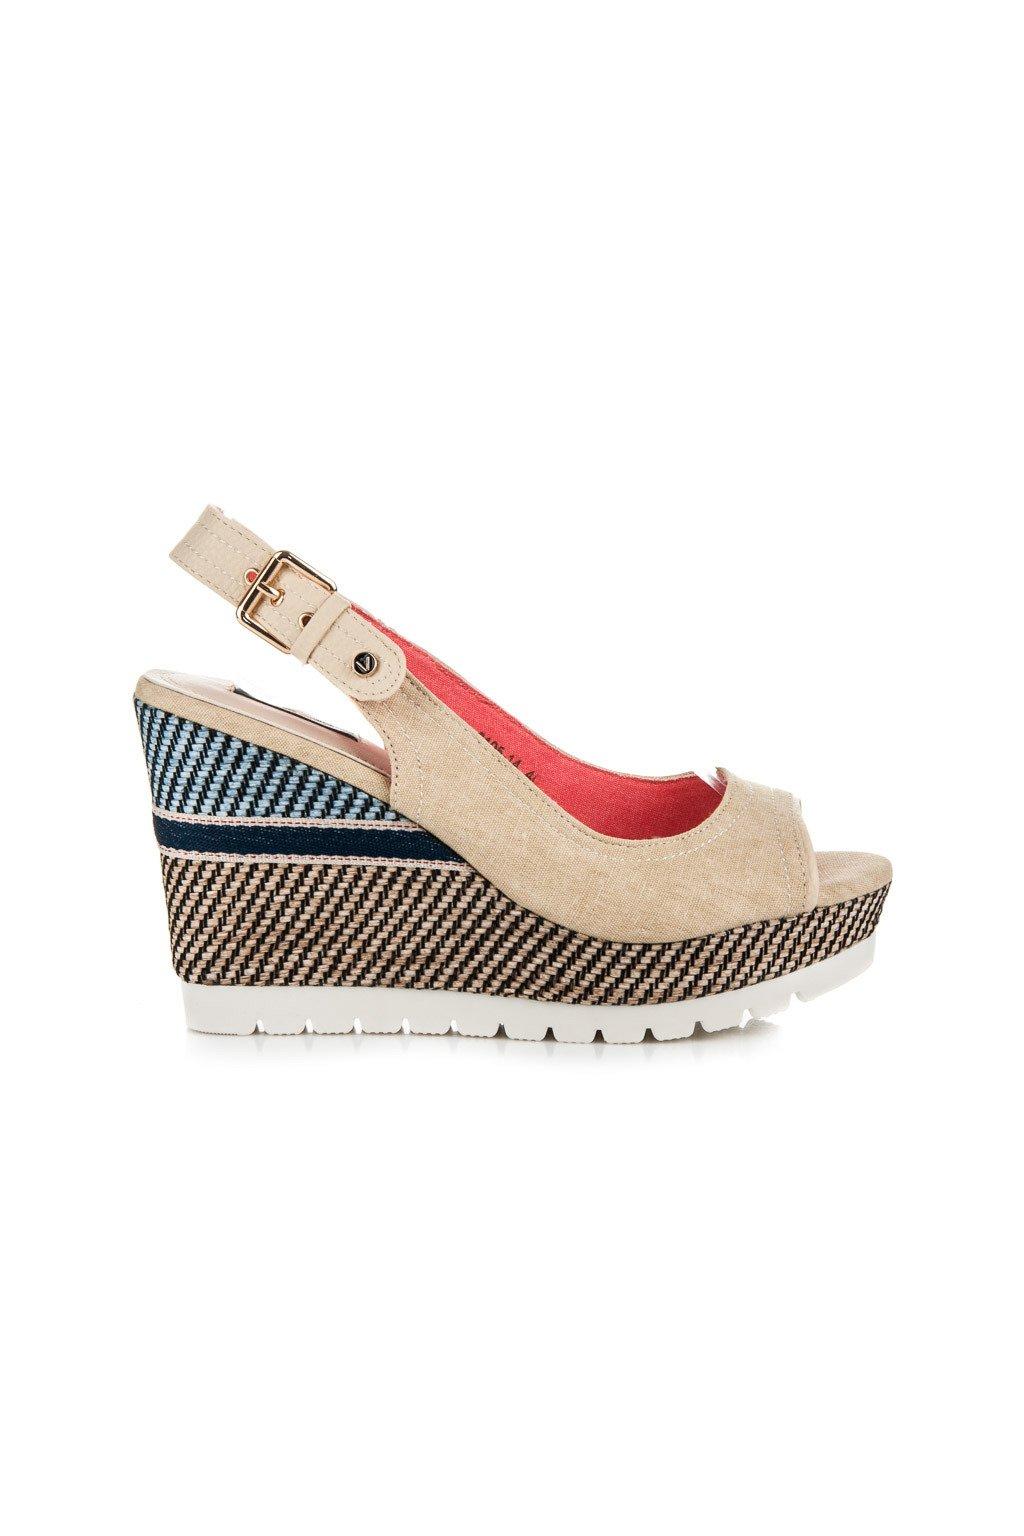 Béžové sandále 6105-14BE